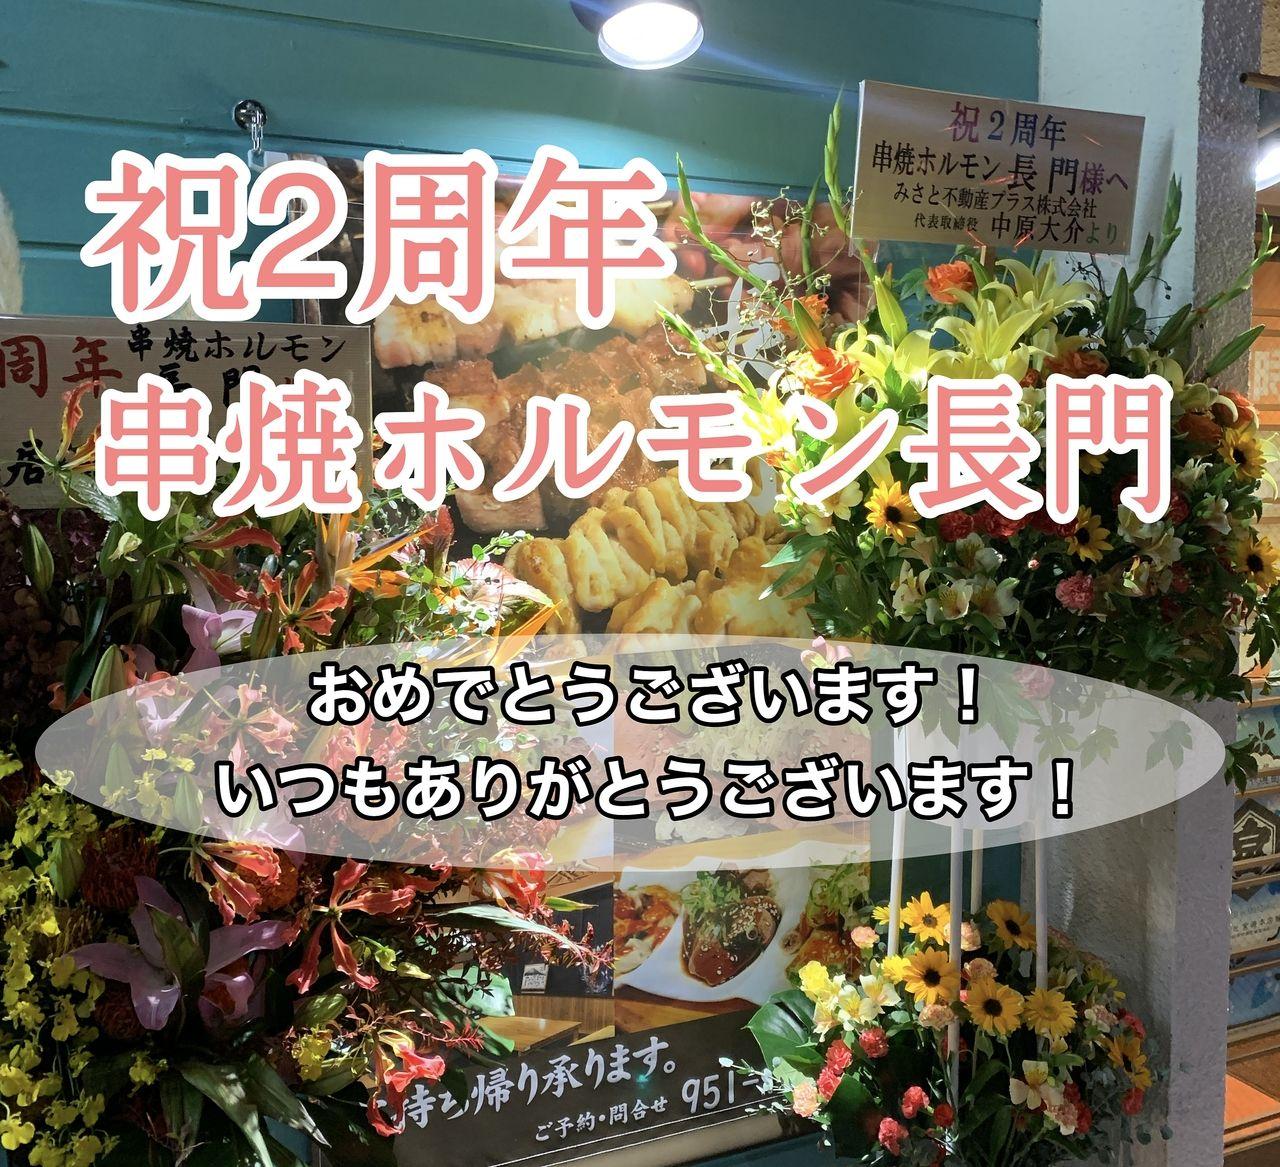 【祝2周年おめでとうございます!】三郷市早稲田2丁目の「串焼ホルモン長門」へお祝いに行ってきました!